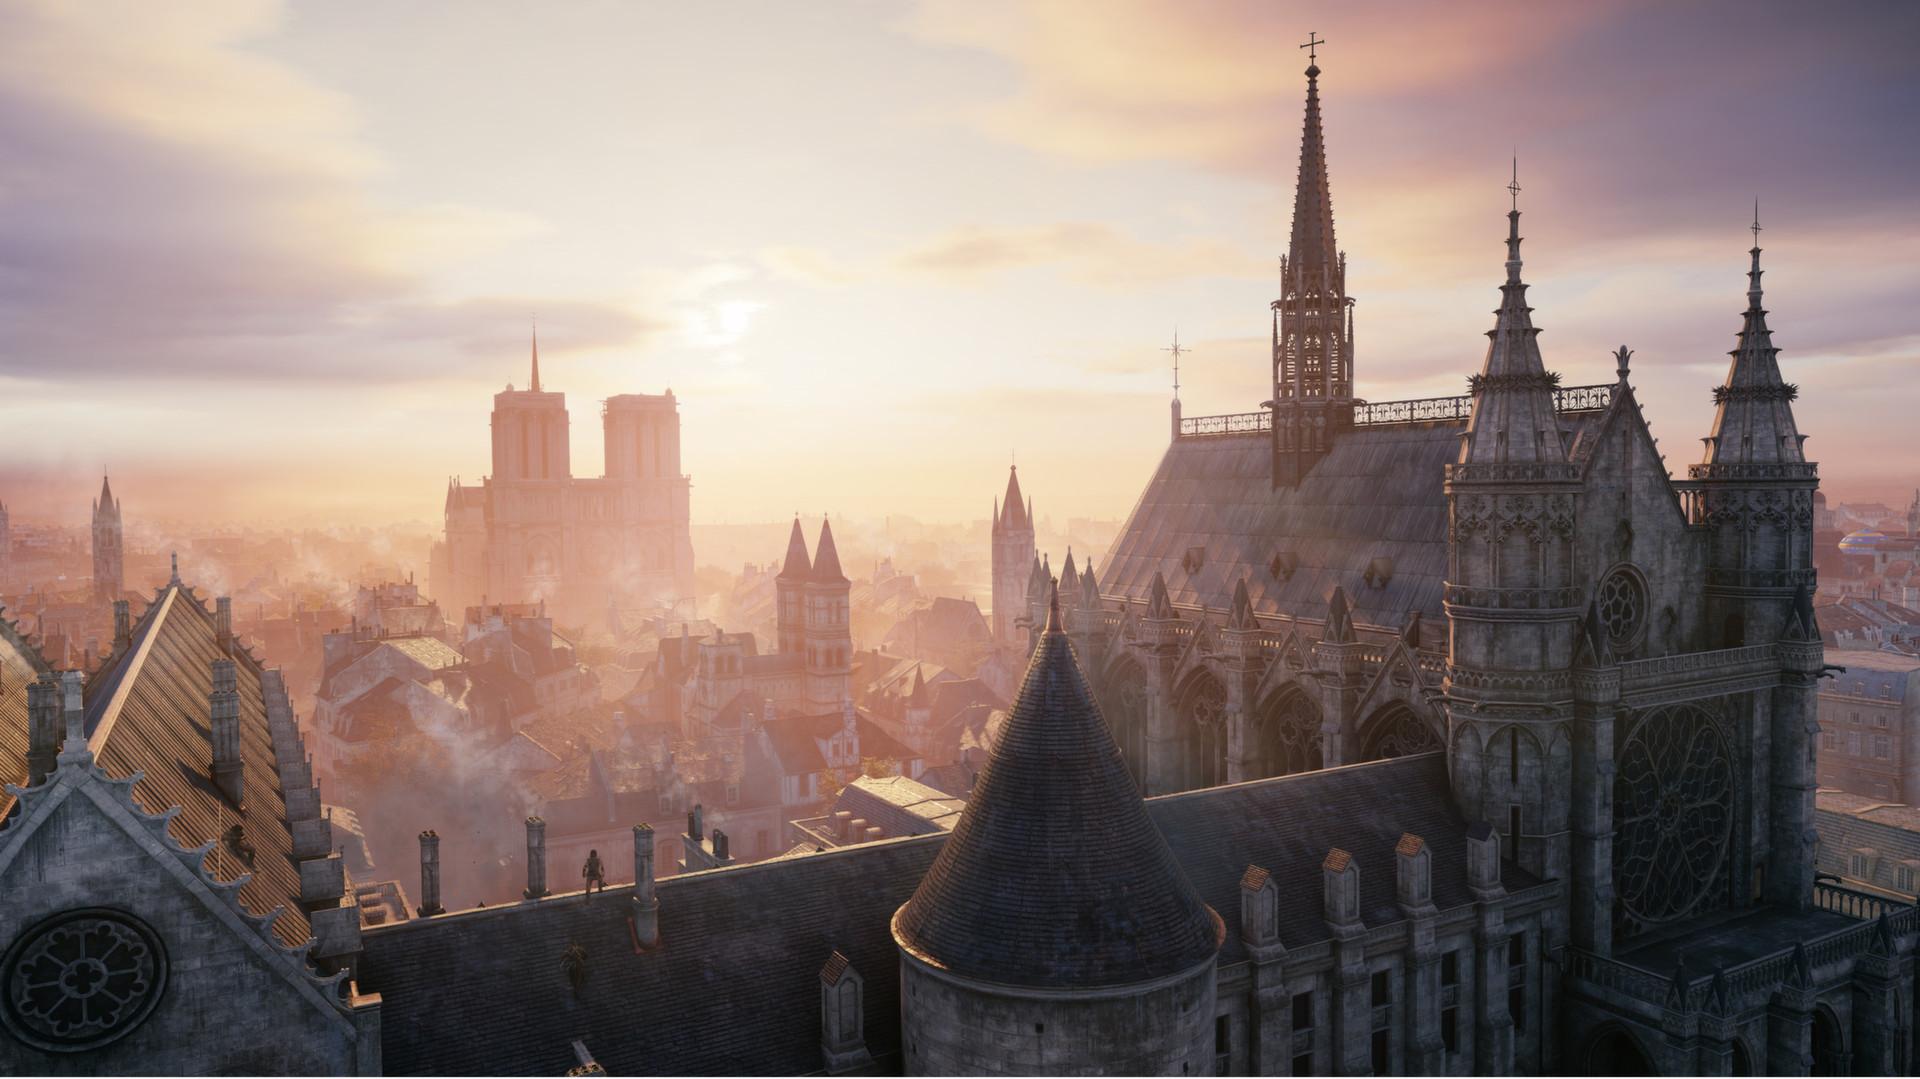 Ubisoft rend hommage à Notre-Dame de Paris en offrant Assassin's Creed Unity sur PC